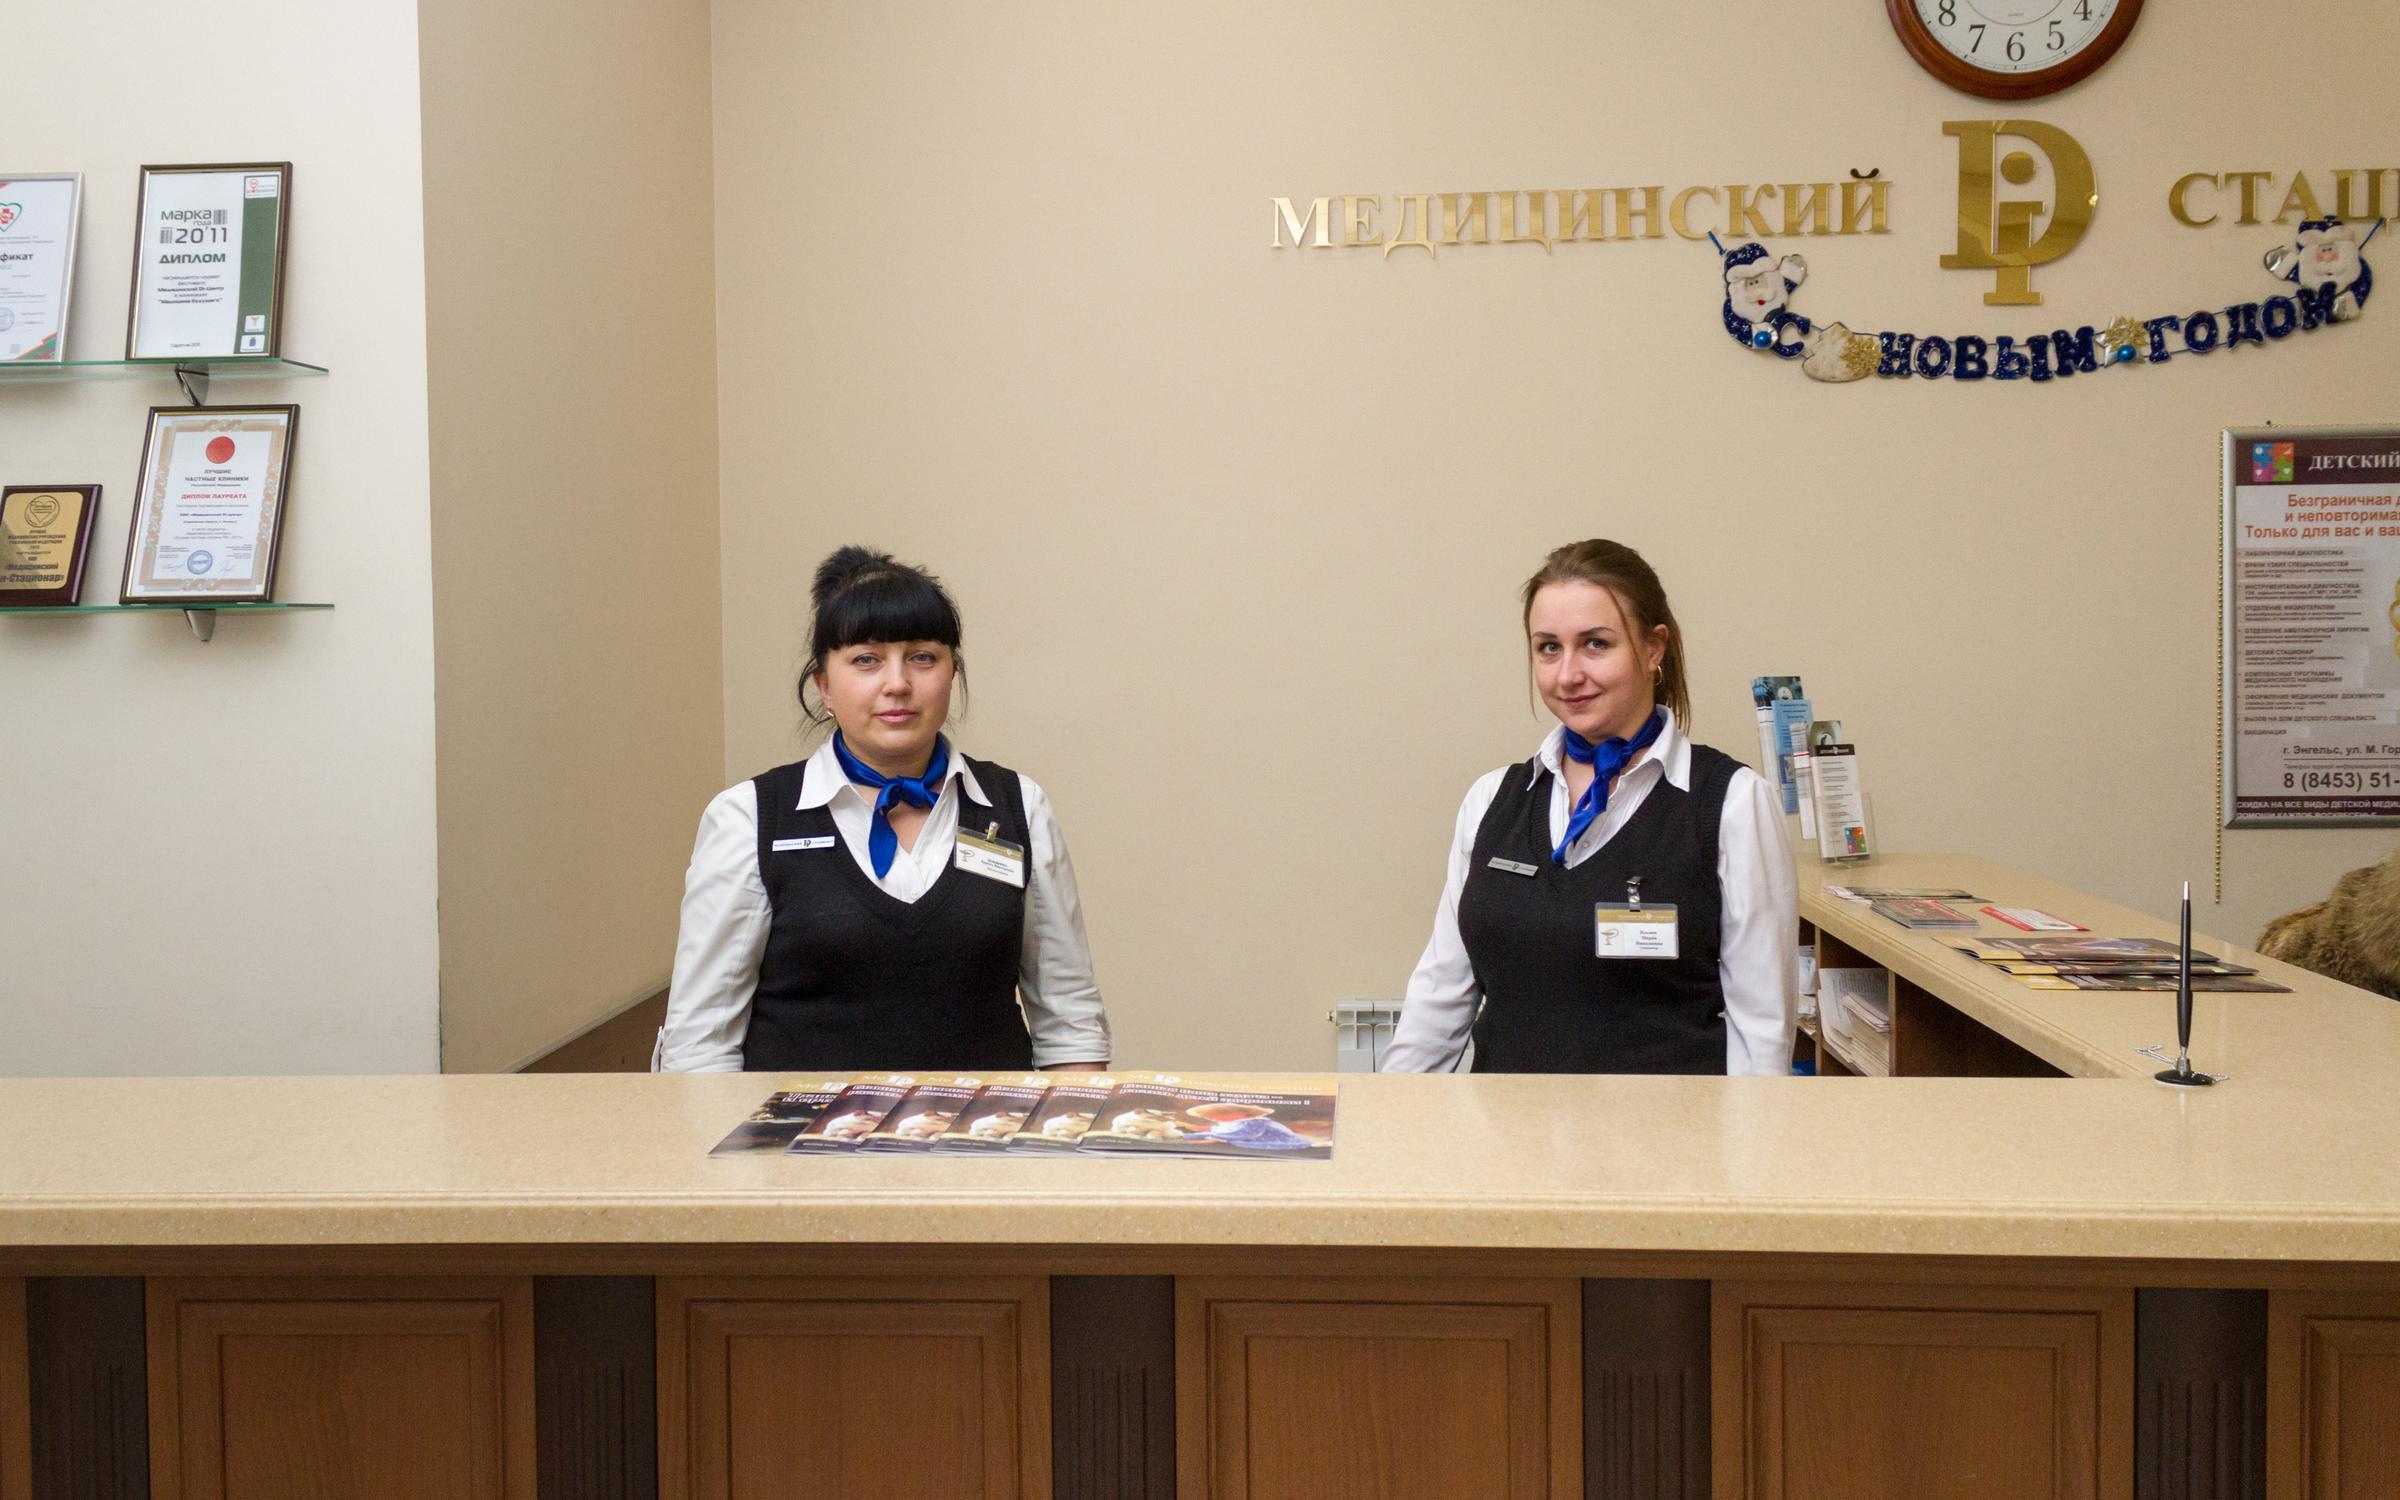 фотография Медицинский Di центр на Московской улице